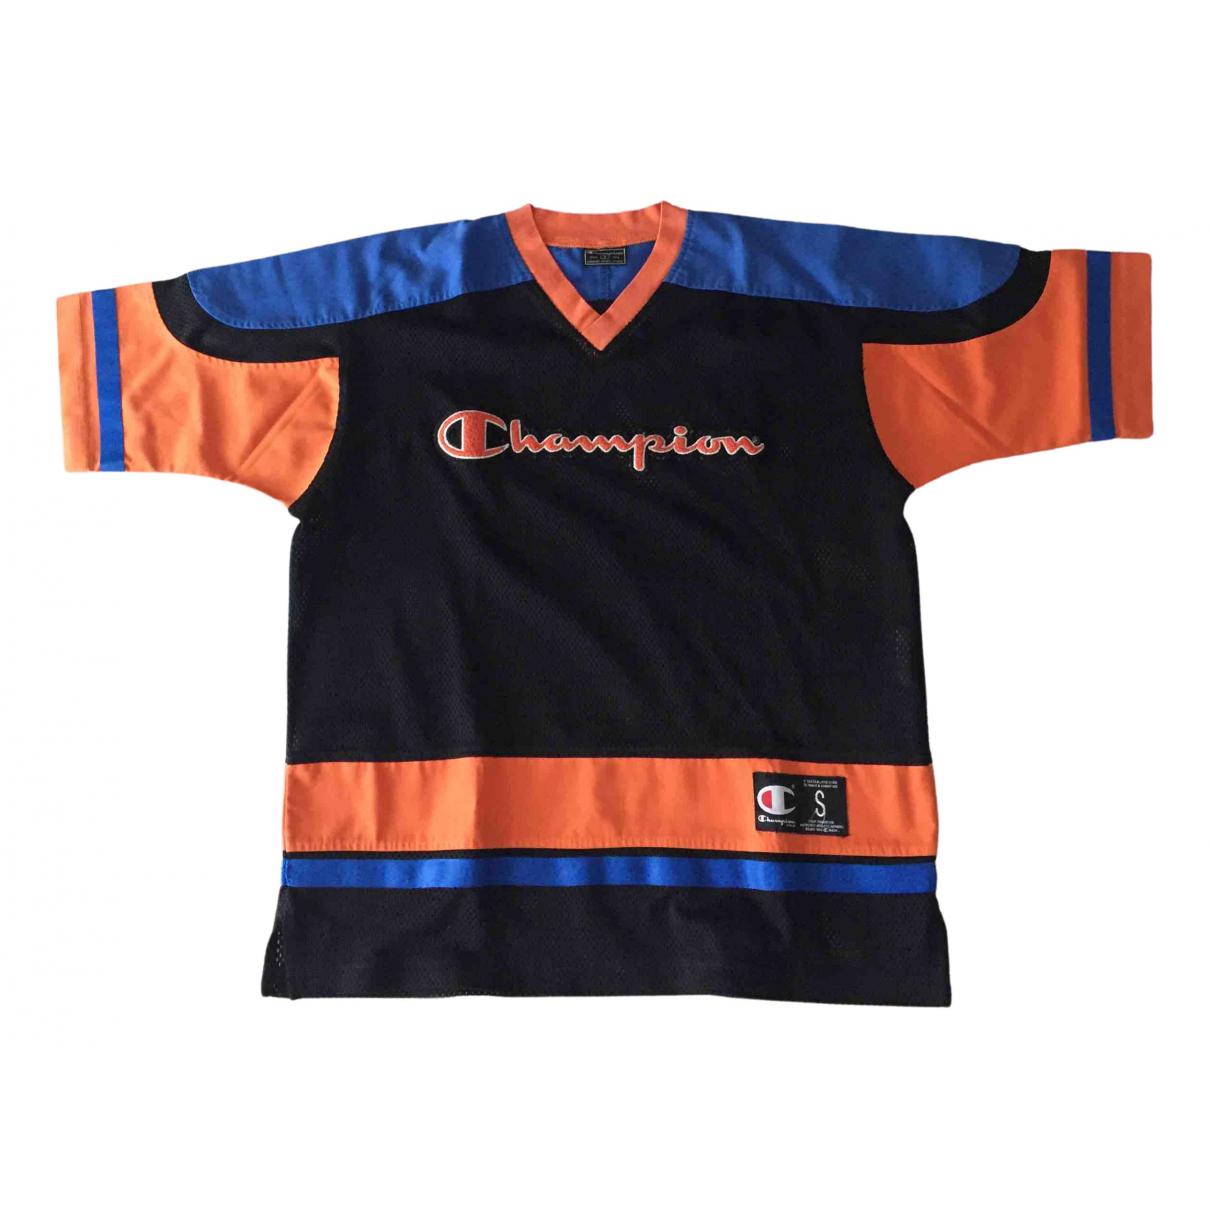 Champion - Tee shirts   pour homme en coton - multicolore